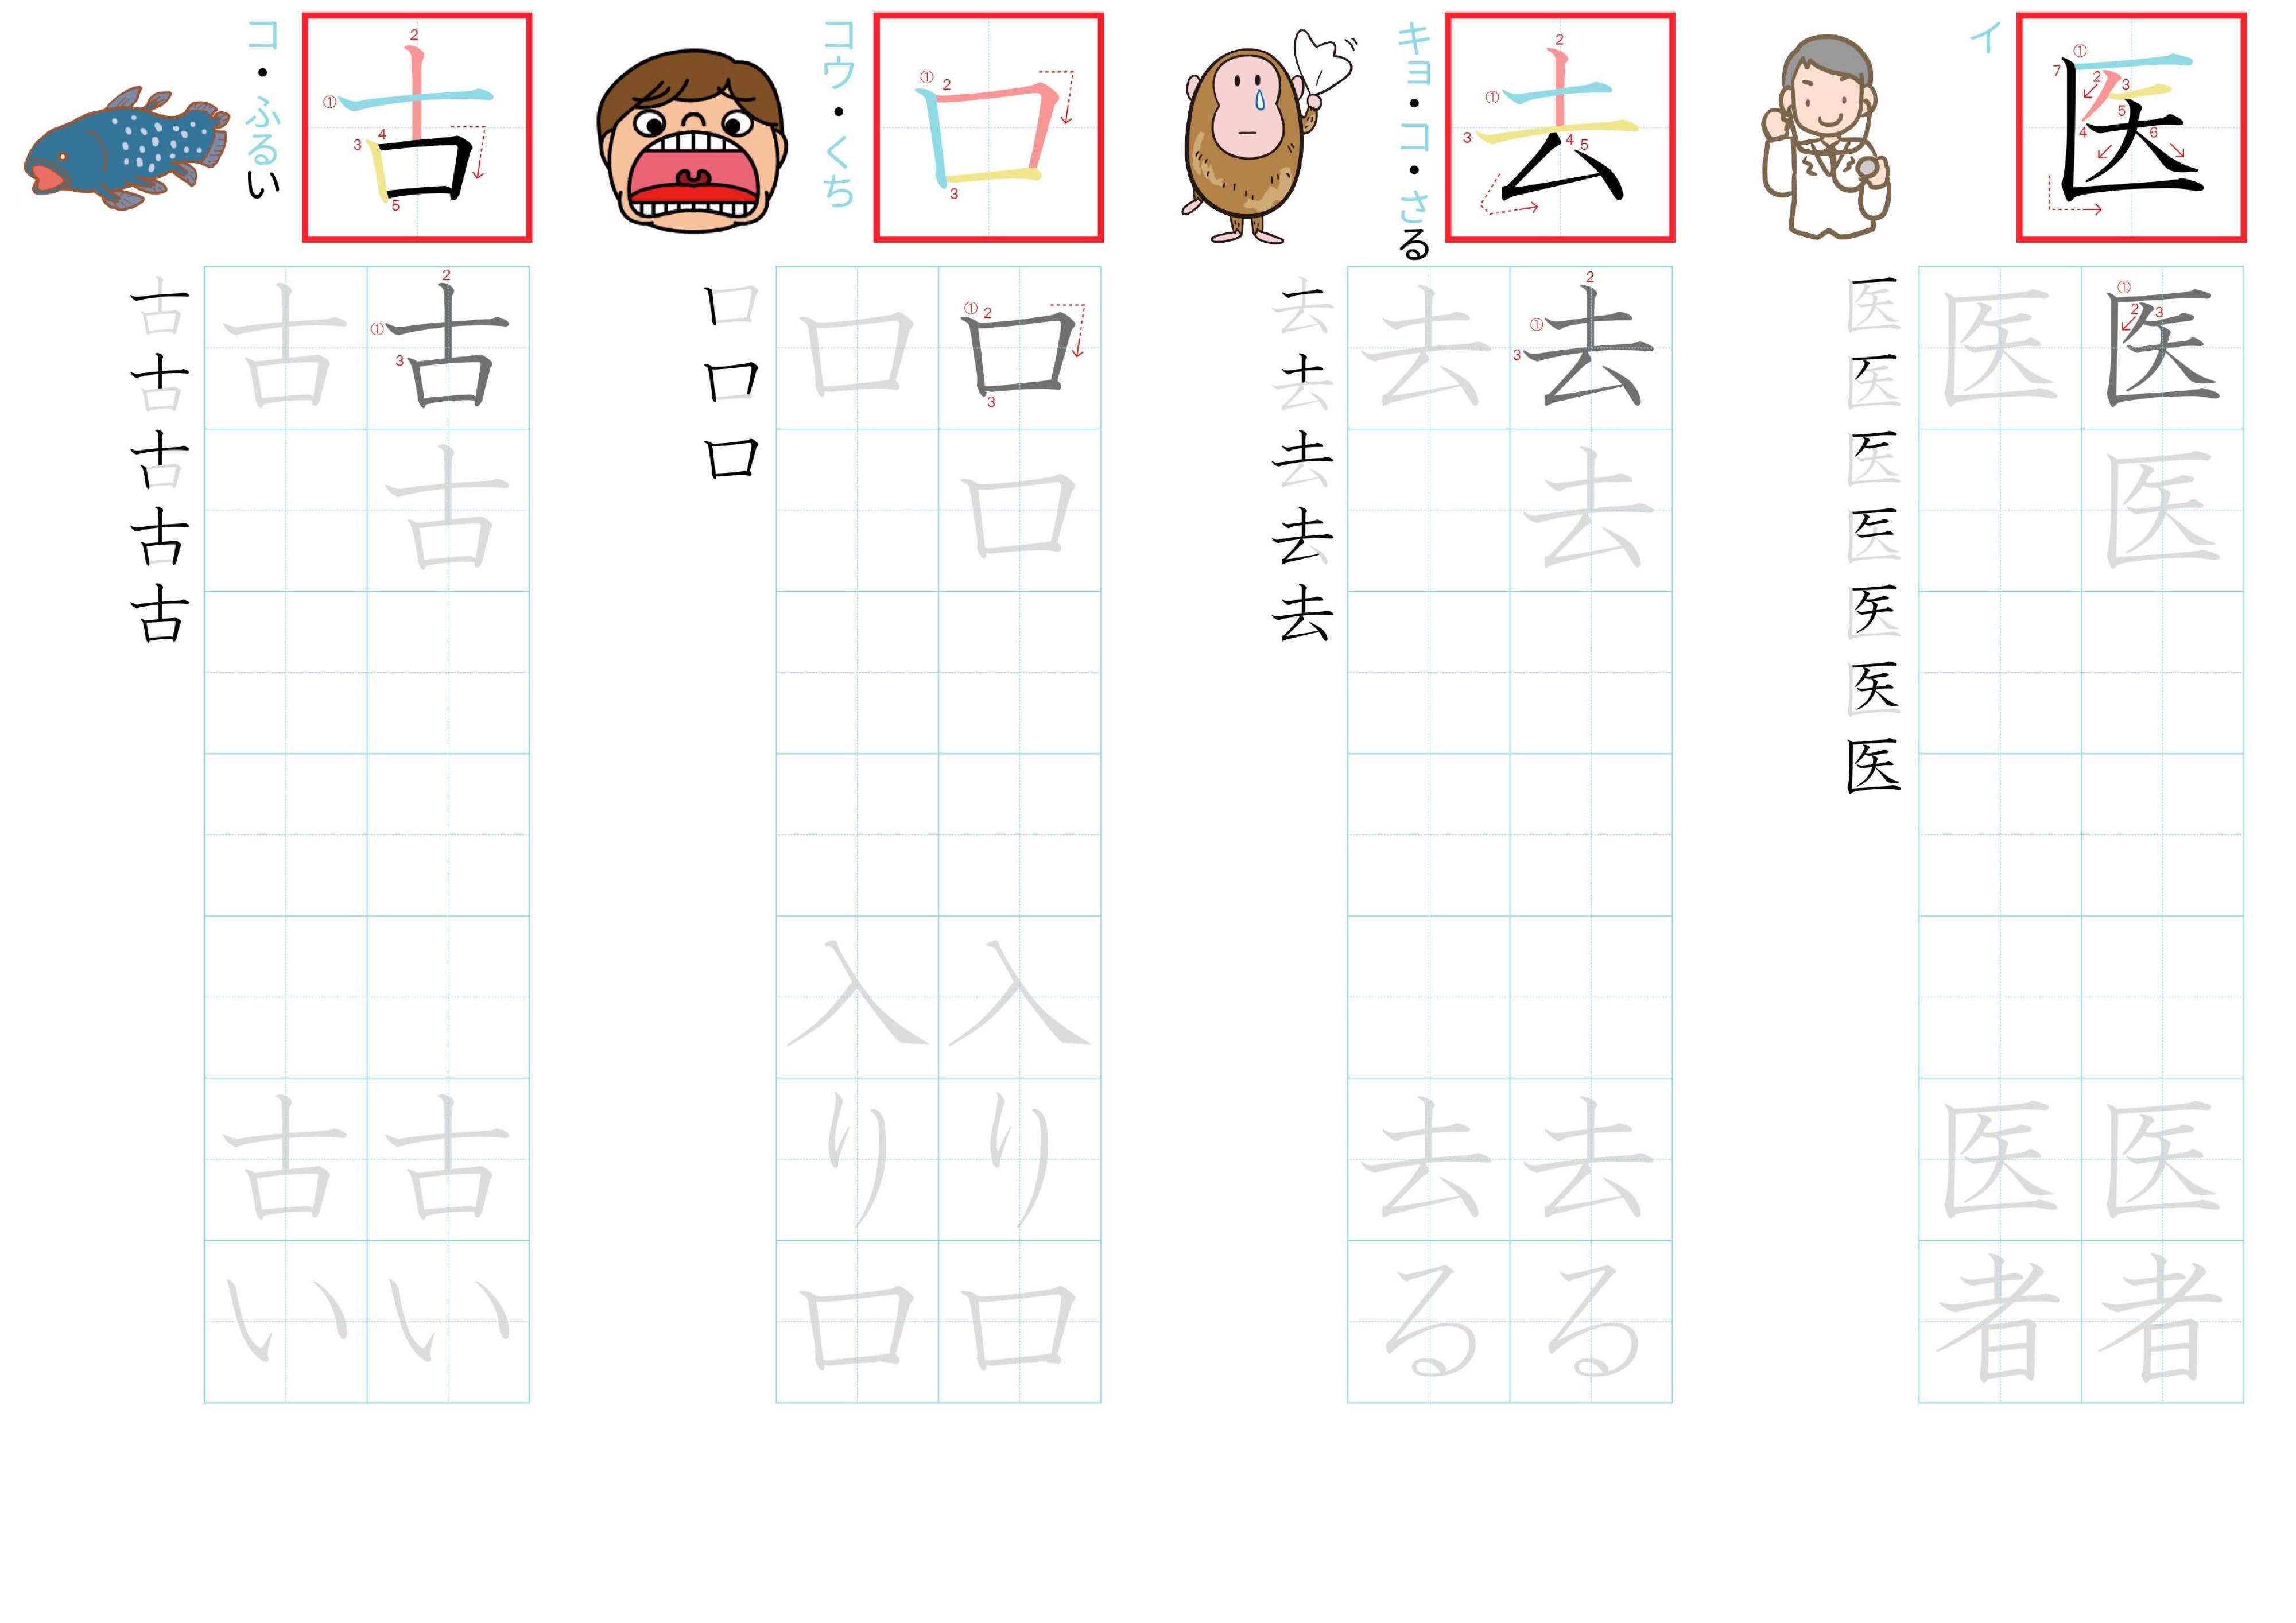 kanji-practice-card-n4-japanese-027